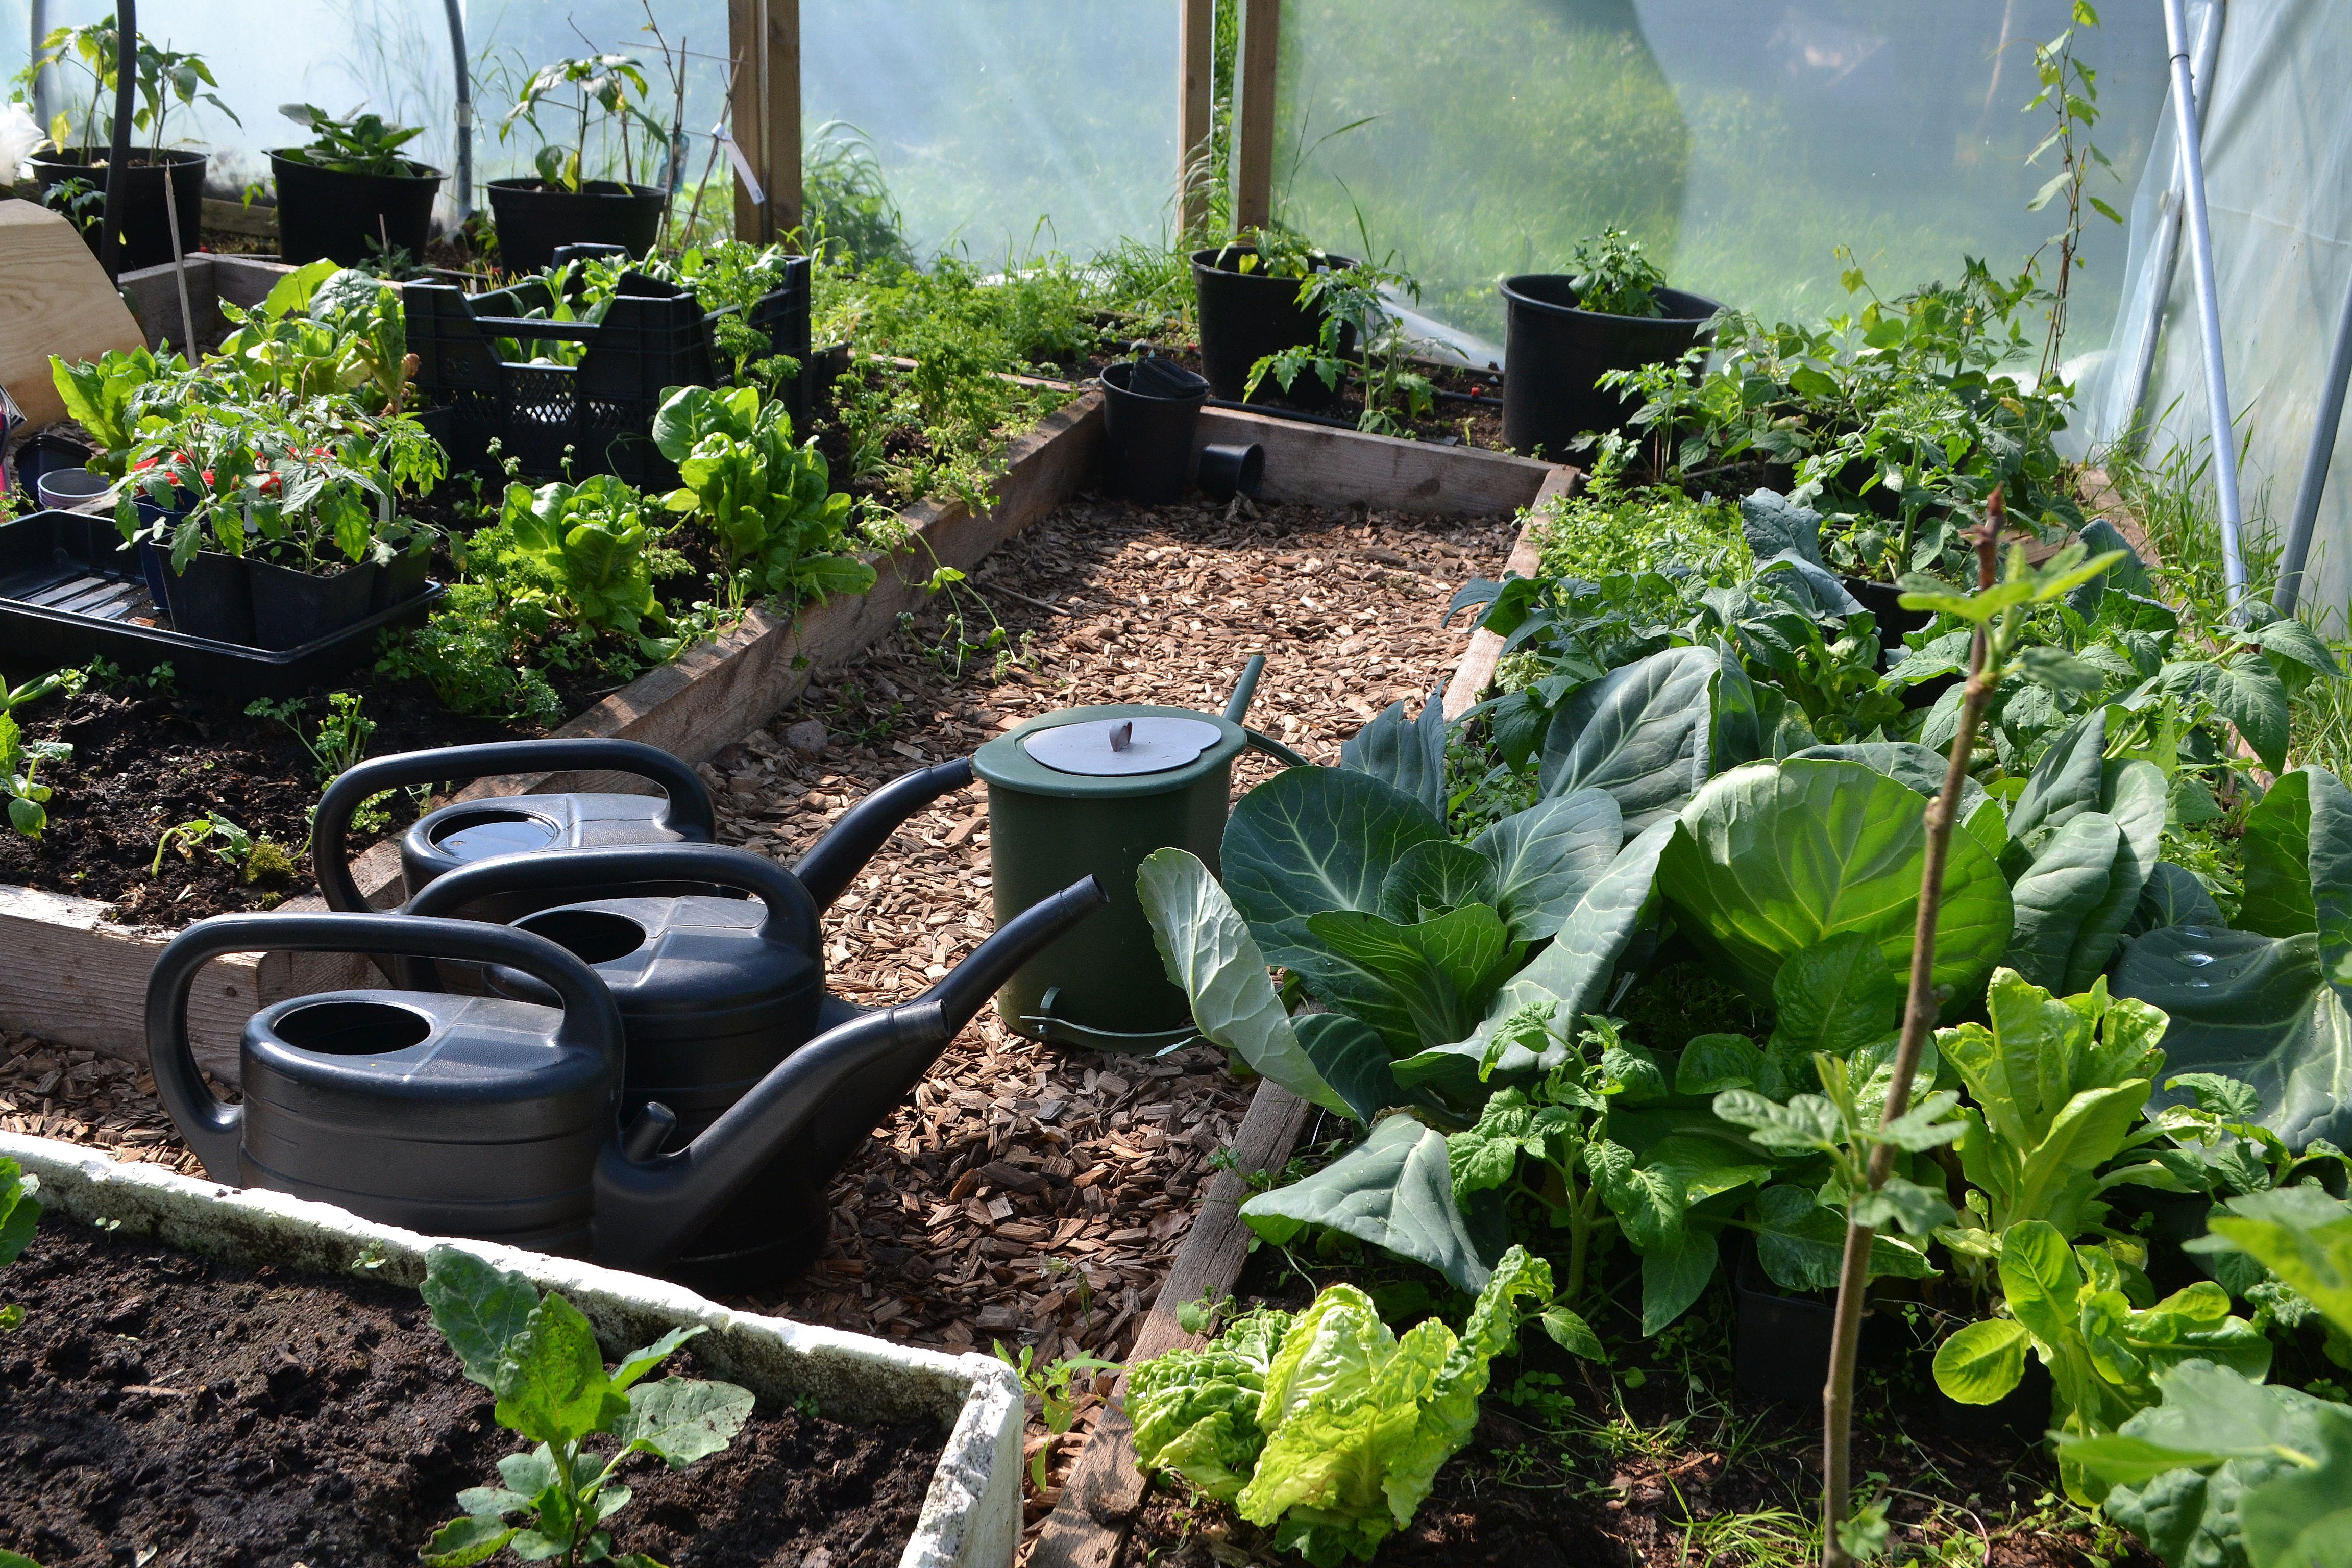 Låg grön växtlighet i bäddar i tunnelväxthus. Soil analysis, greenhouse beds.